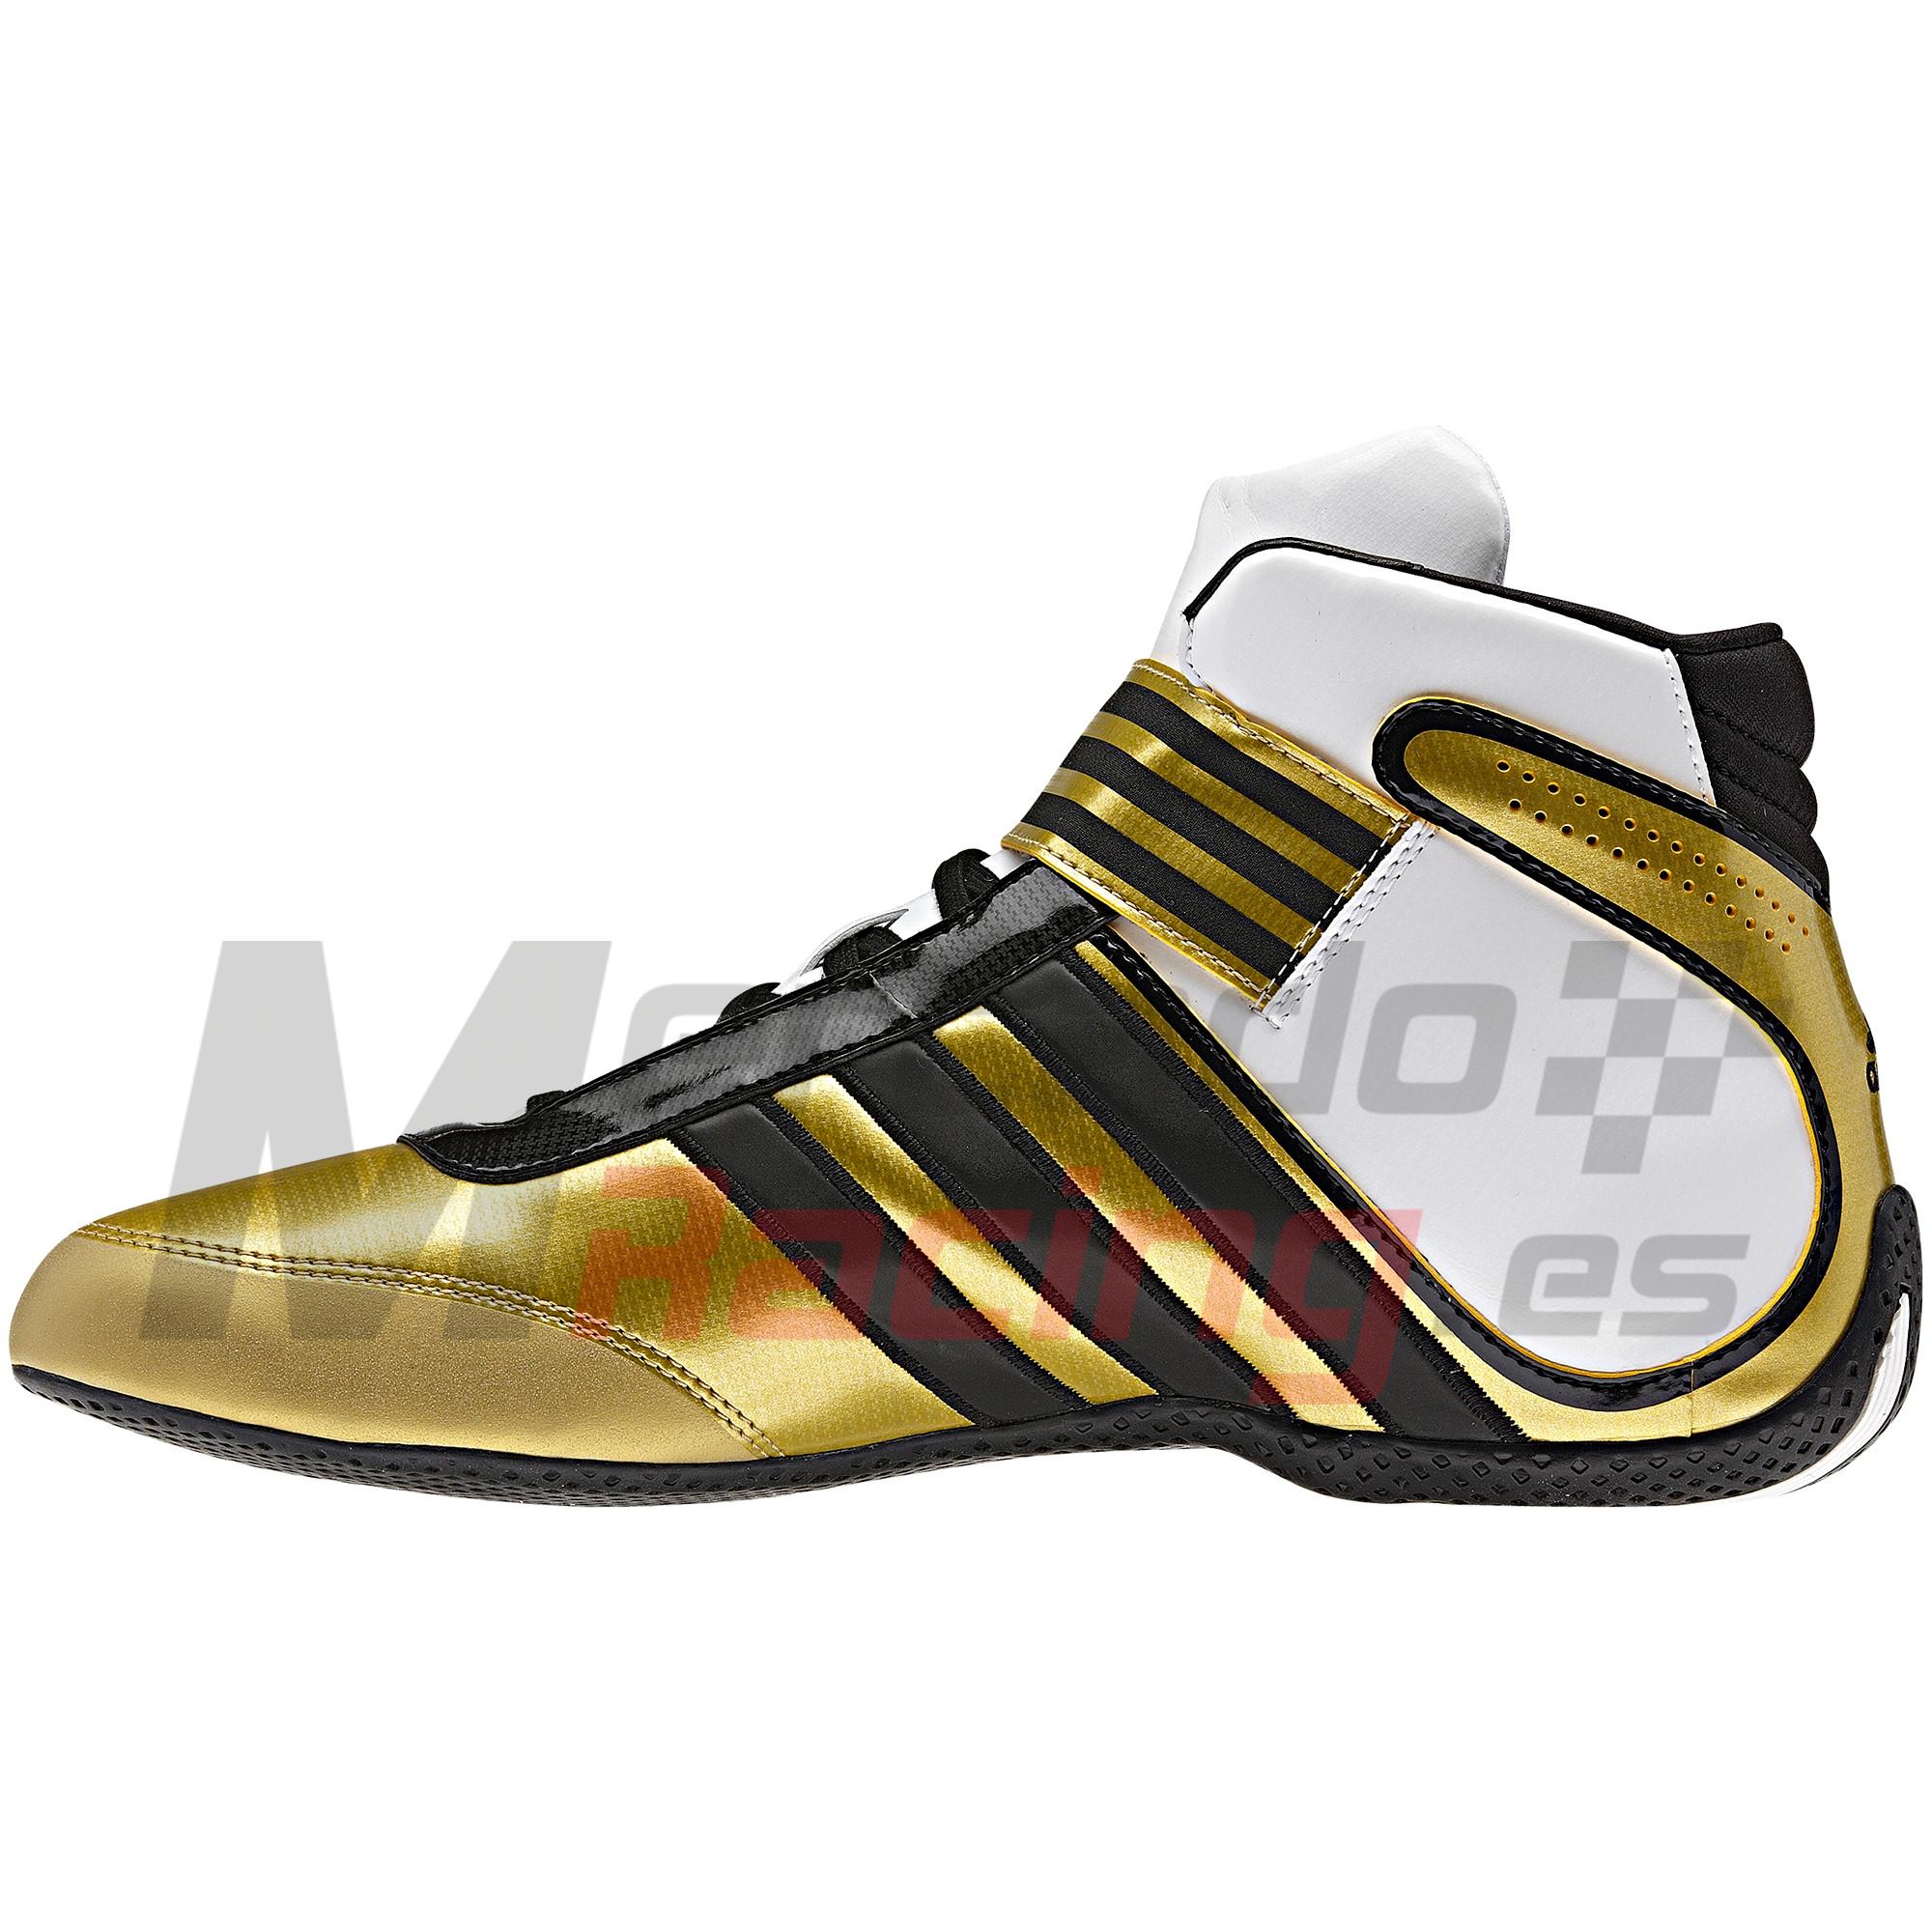 Xlt Karting Adidas Adidas Gold Xlt Xlt Adidas Gold Karting nOy0vmN8w